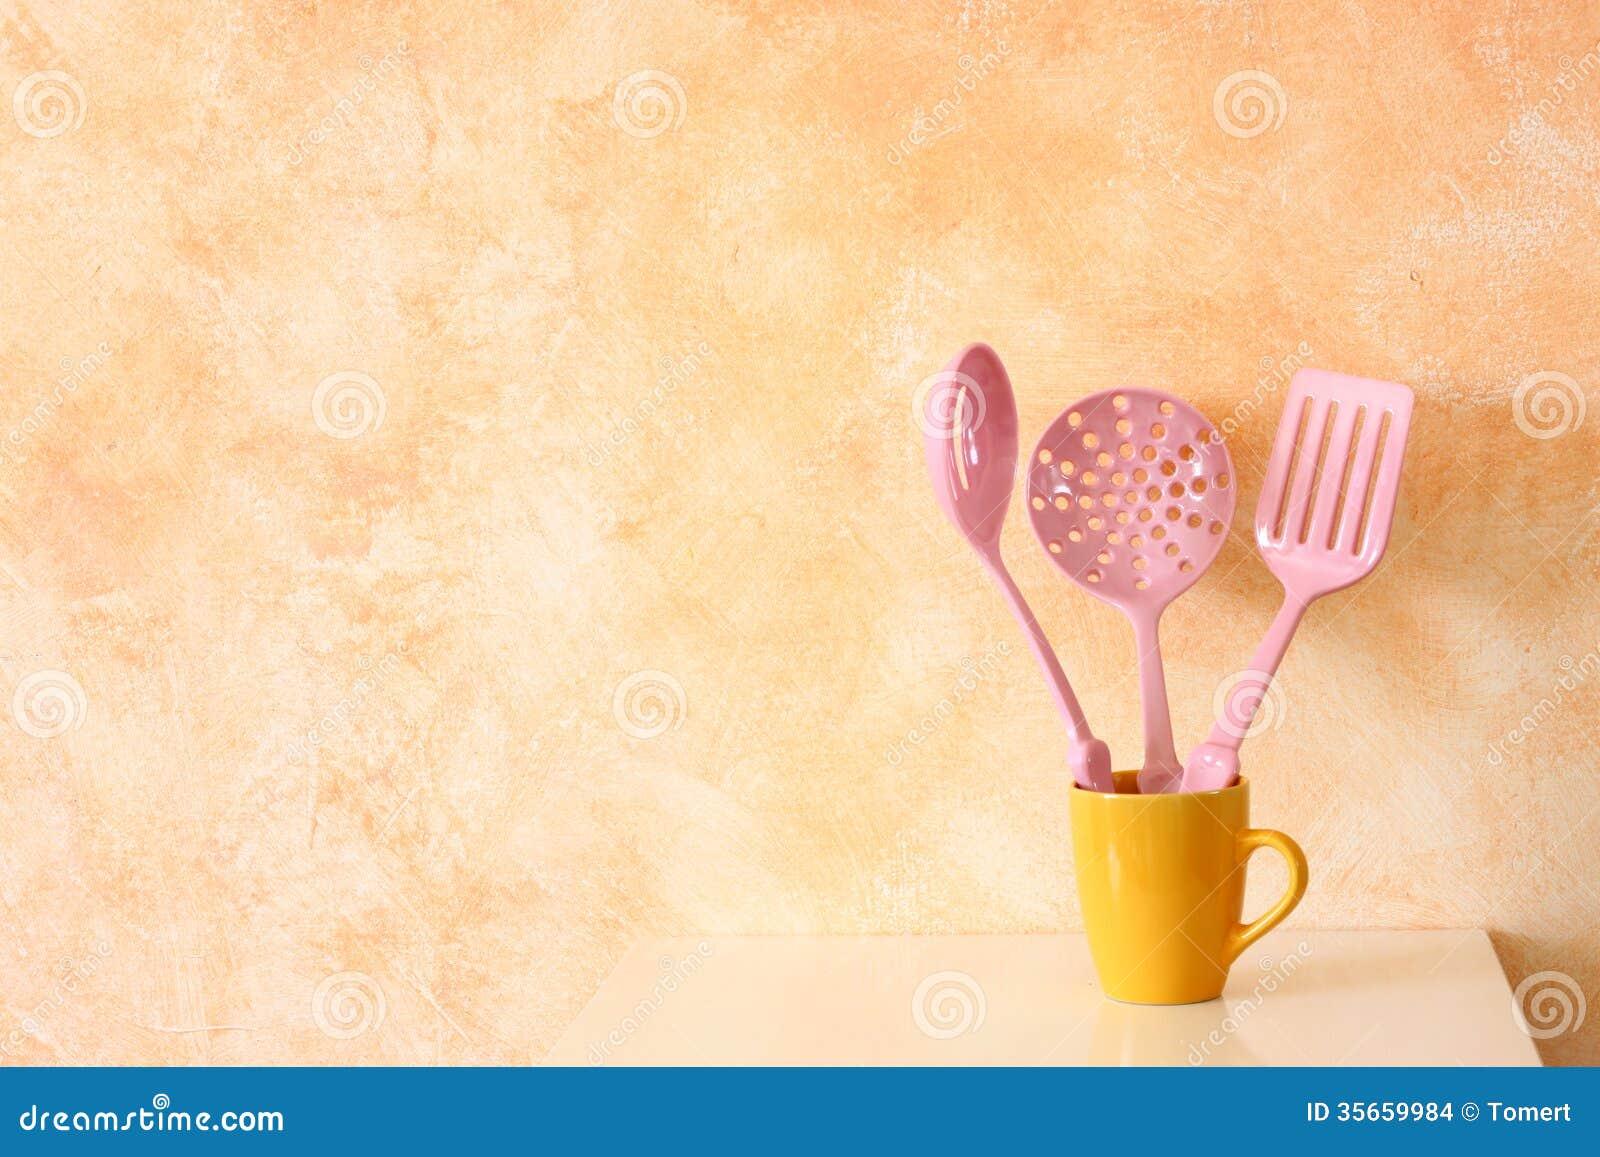 Parete Gialla Cucina : da cucina della cucina. spatole in tazza gialla ...